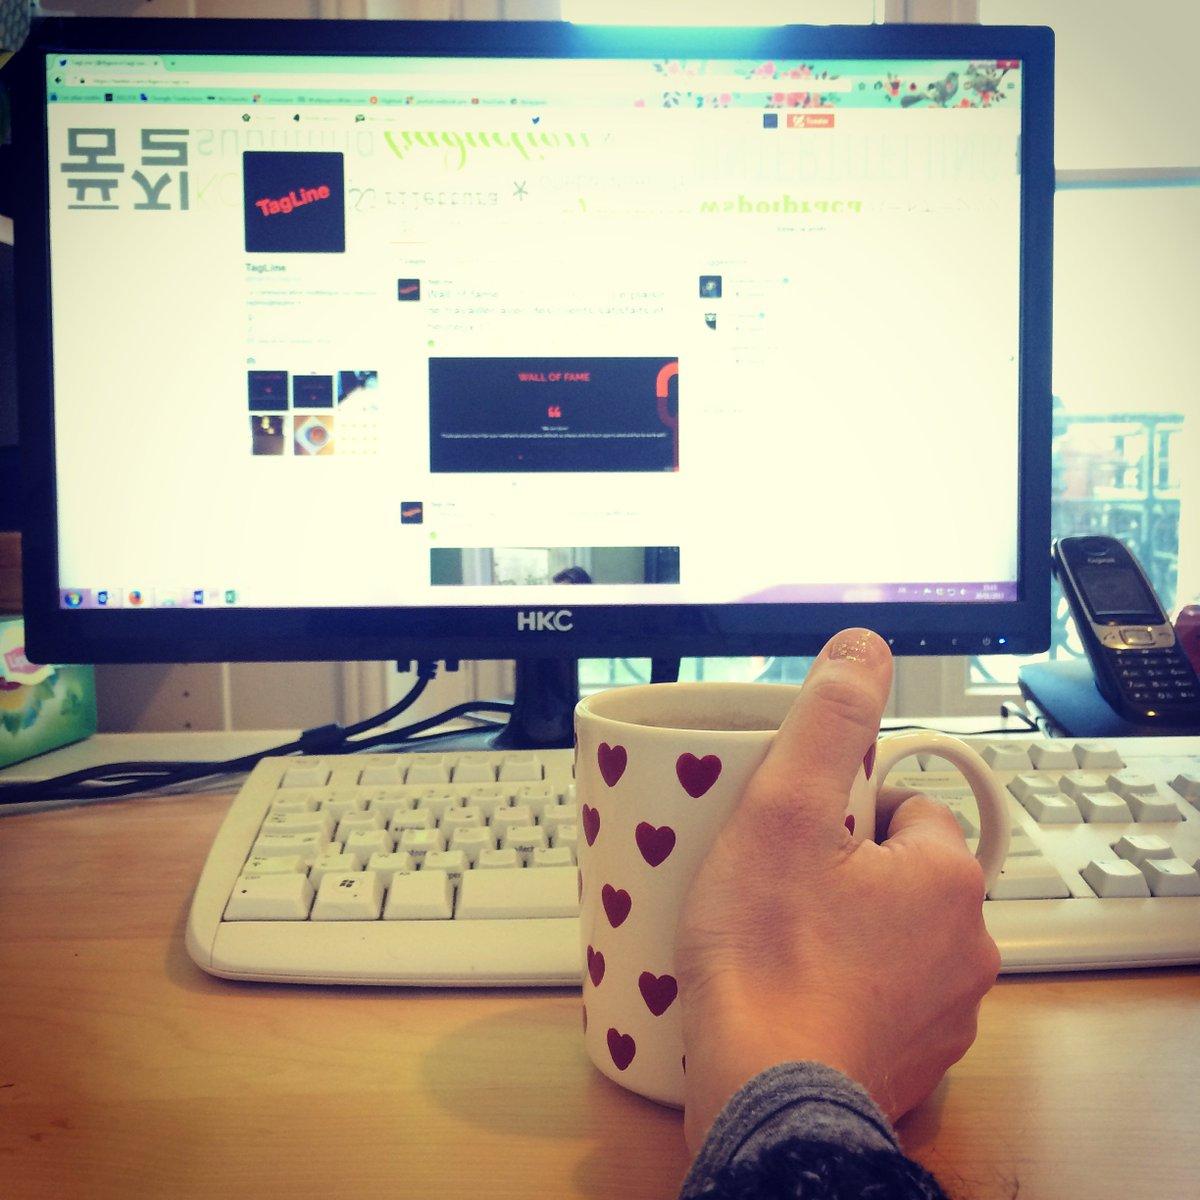 Avec ce #froid rien de mieux qu&#39;une bonne #tasse de #thé pour réchauffer les #coeurs et les #mains! @AgenceTagLine #vendredi<br>http://pic.twitter.com/zG6PGS4DPg